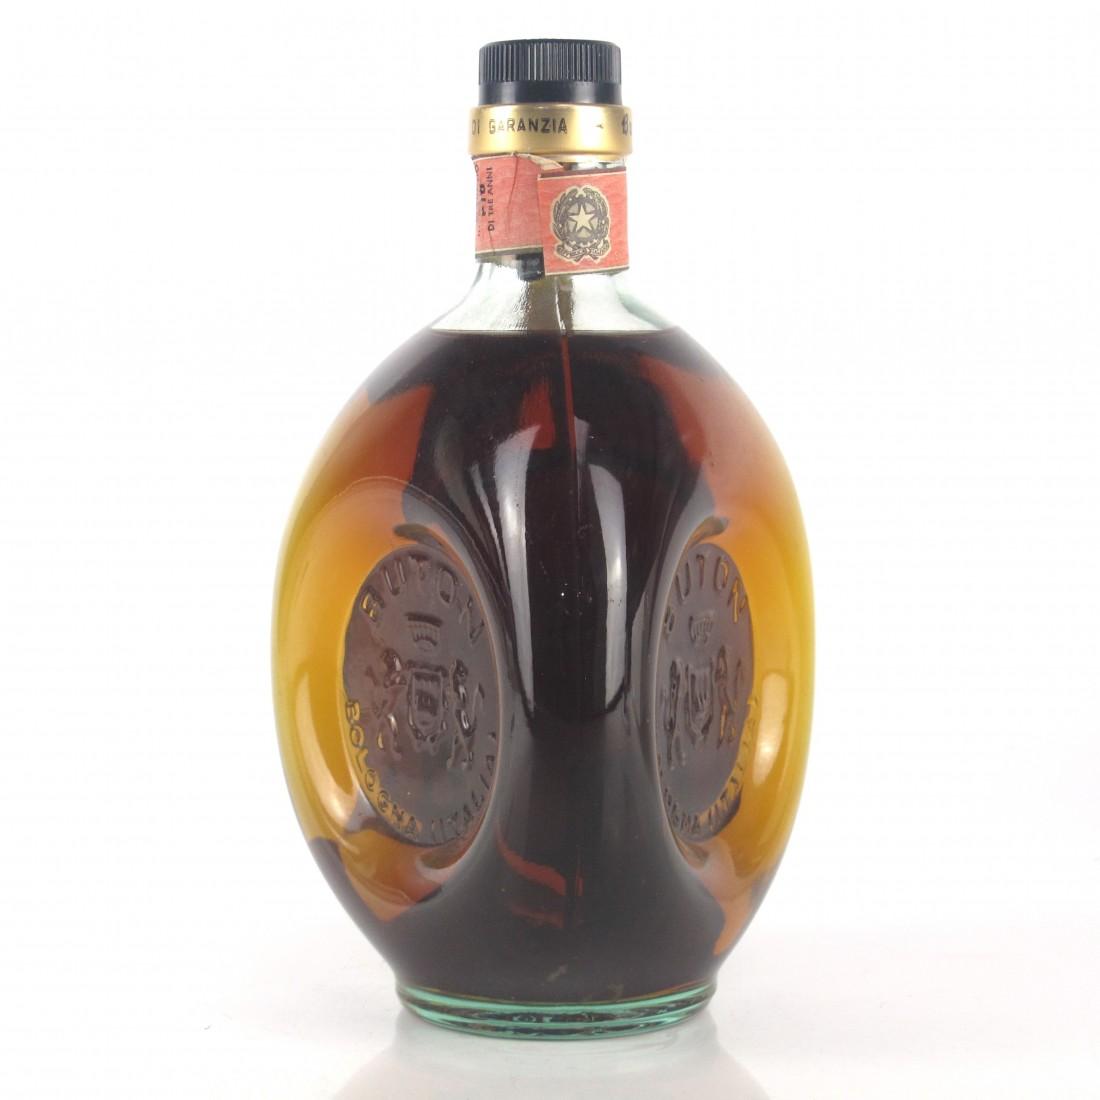 Buton Vecchia Romagna Etichetta Nera Brandy 1970s